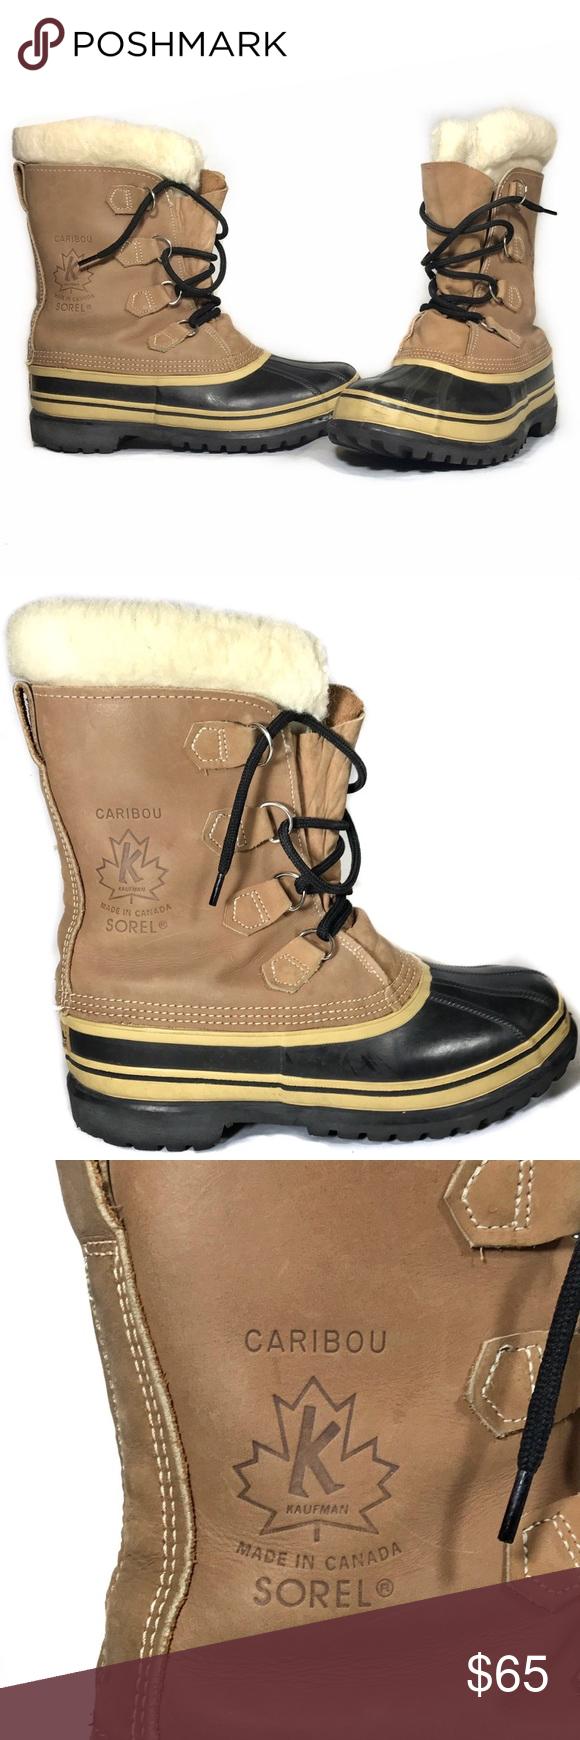 sorel s caribou wool boots buff beige size 9 beige shoe